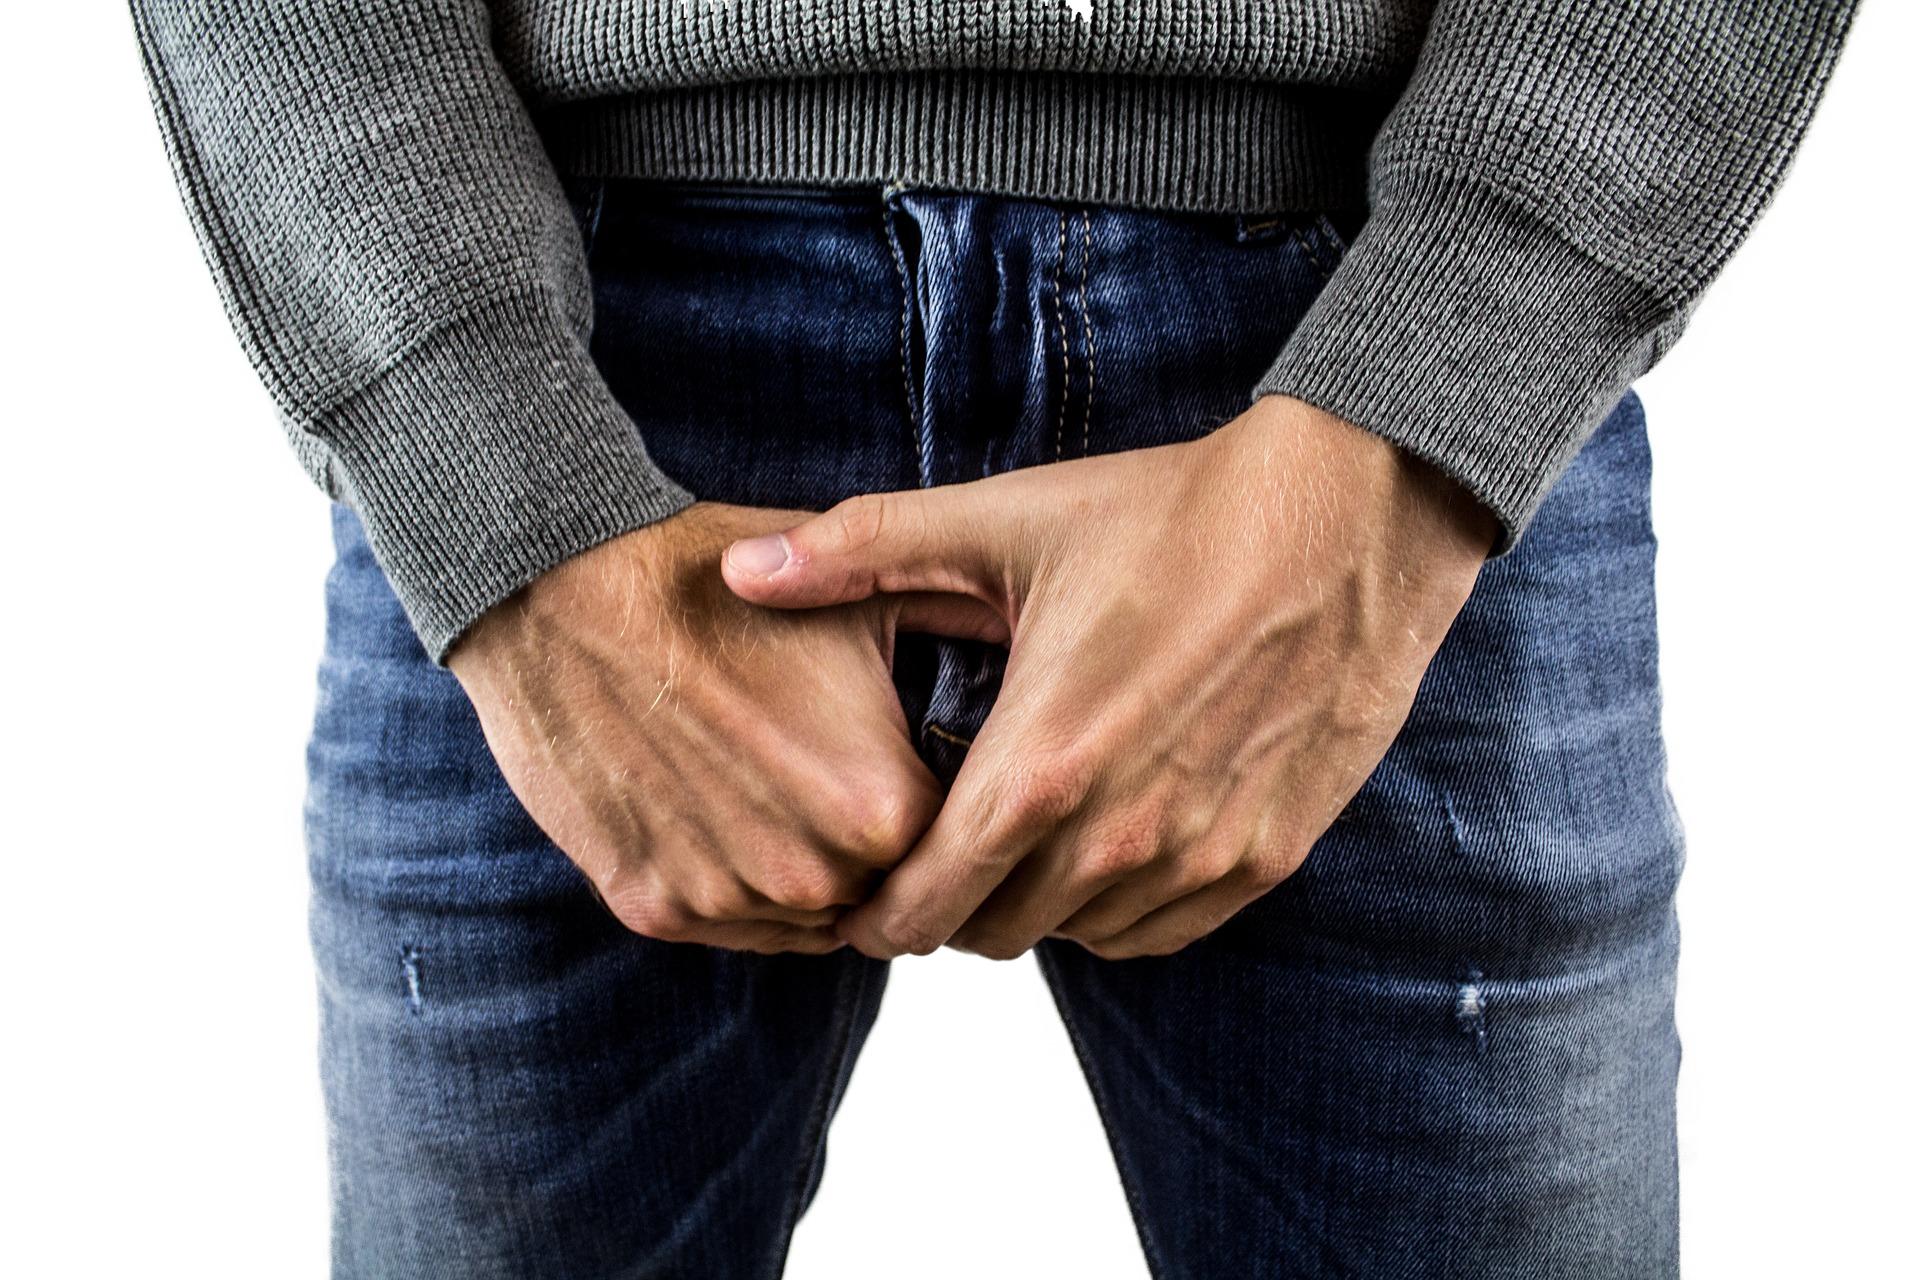 Cáncer de testículo: síntomas y tratamiento